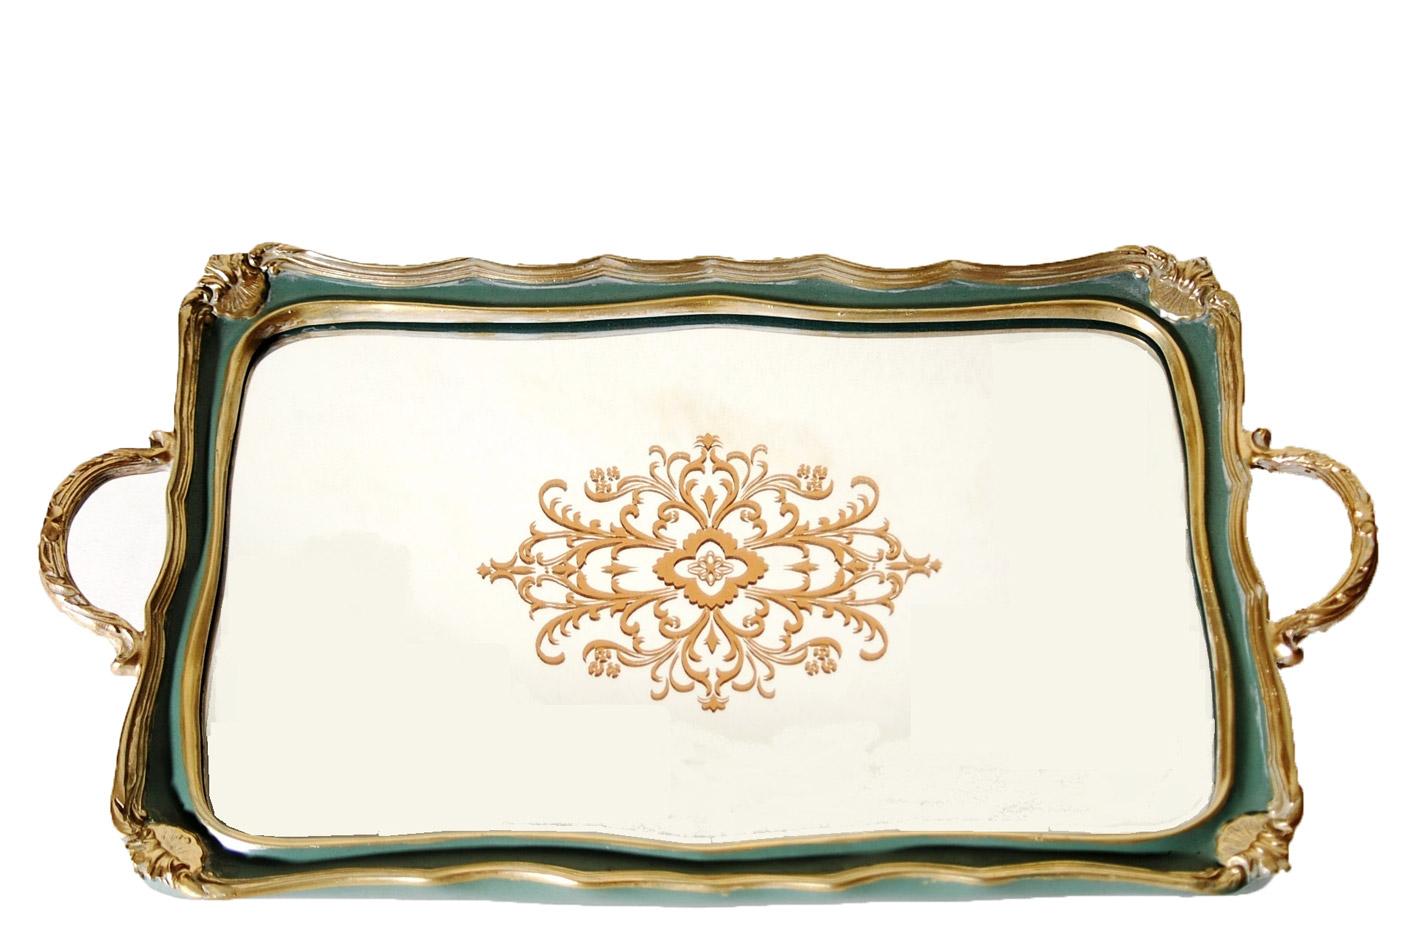 Δίσκος Σερβιρίσματος Με Καθρέπτη Πολυεστερικός Royal Art 50×30εκ. YUA4/516GR (Χρώμα: Πράσινο , Υλικό: Πολυεστερικό) – Royal Art Collection – YUA4/516GR